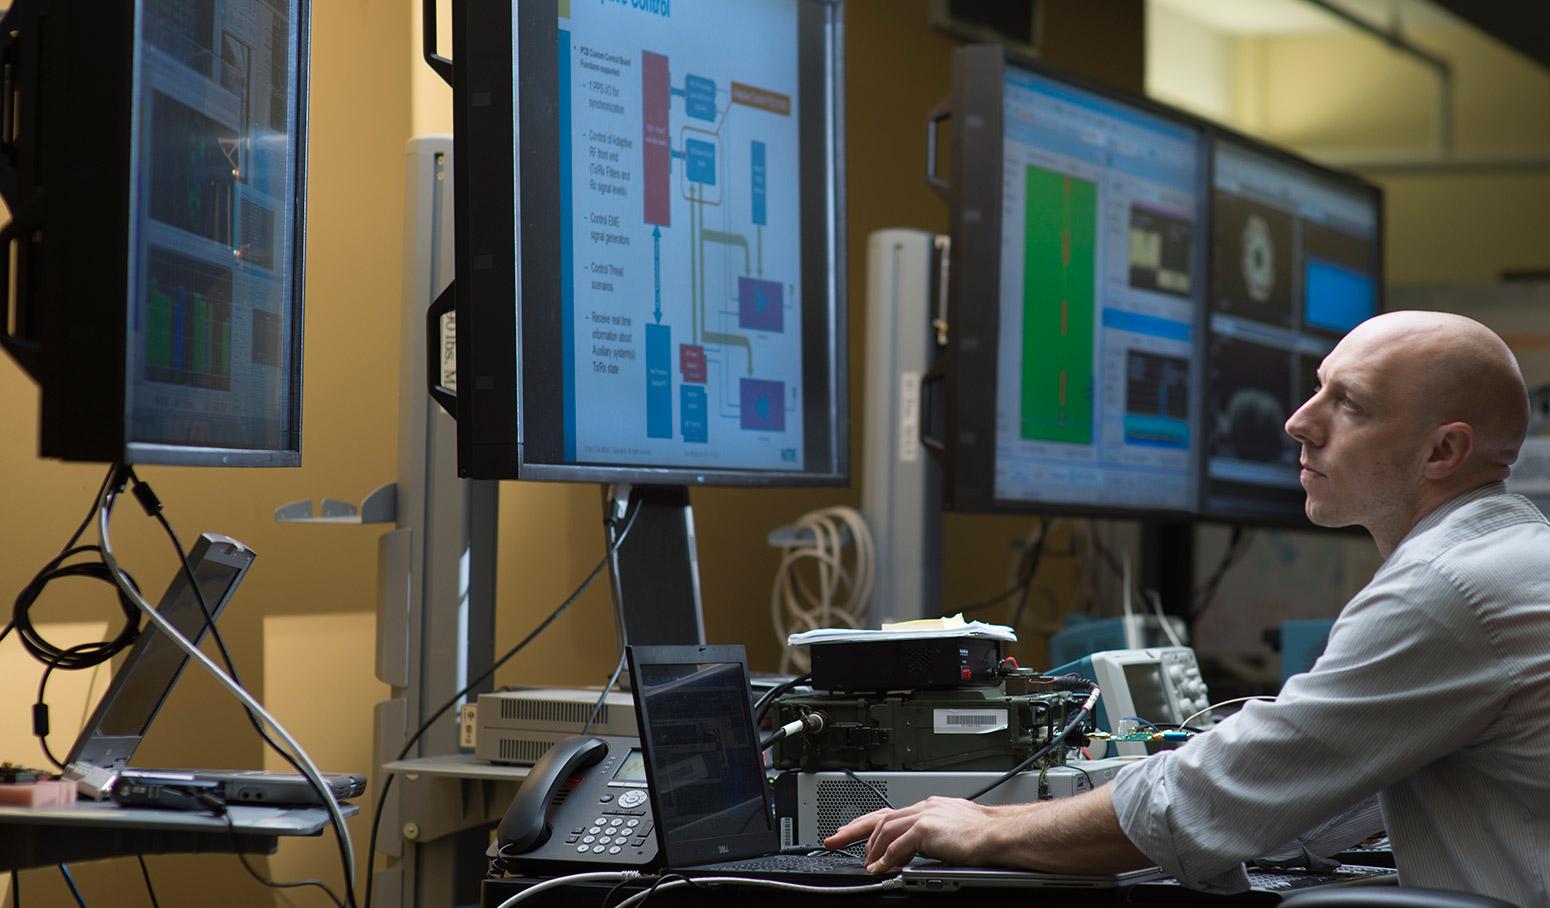 В Кремниевой долине становится все больше физиков. Фото: mitre.org